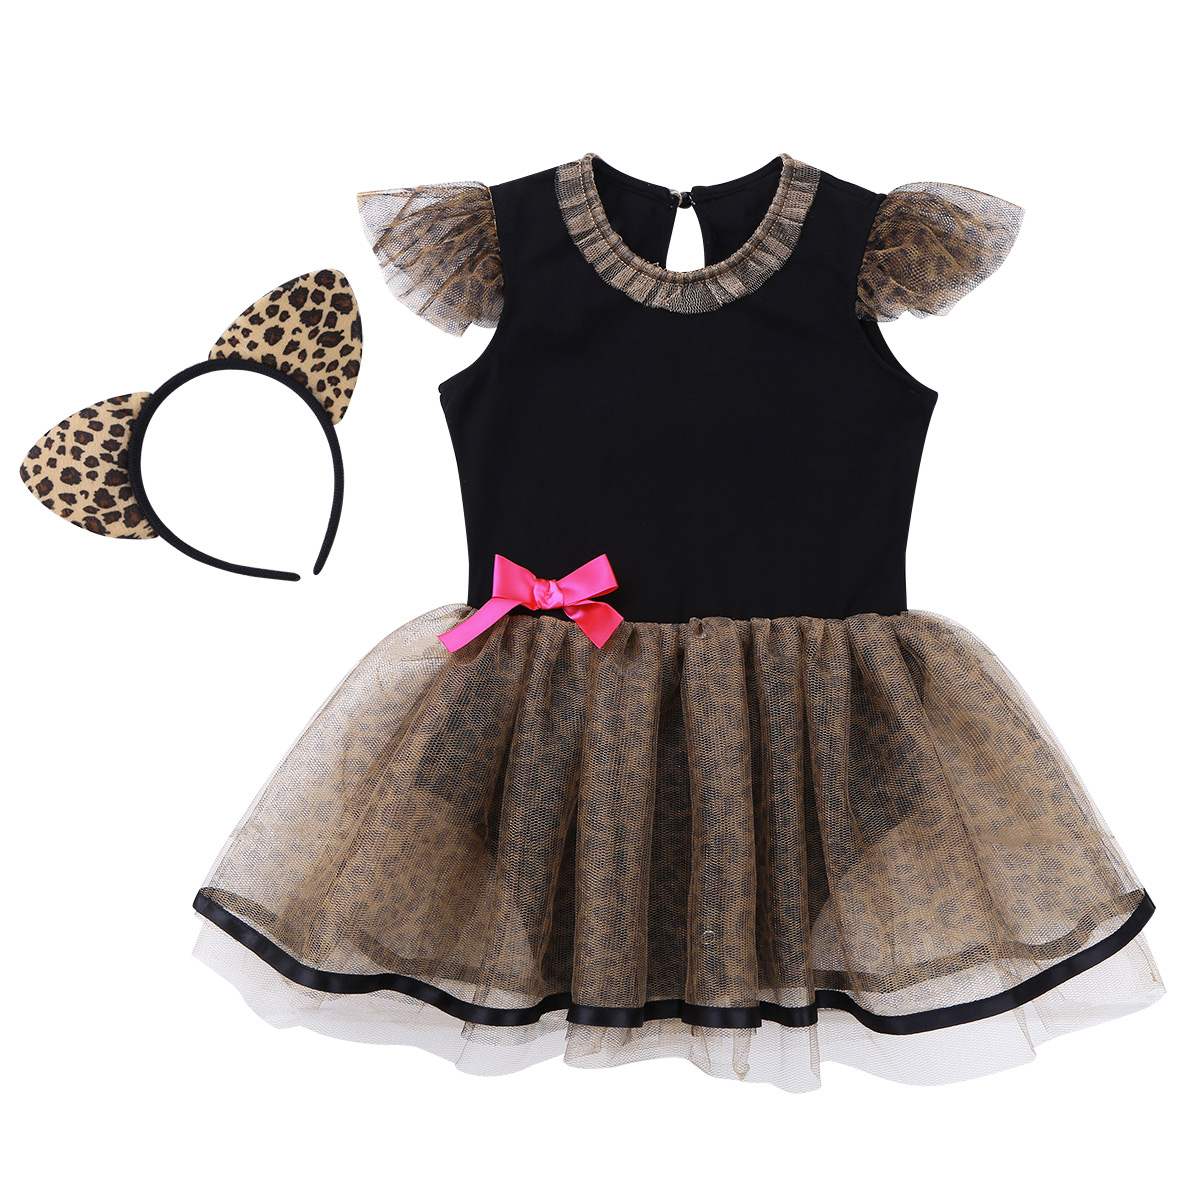 Infant cat costume